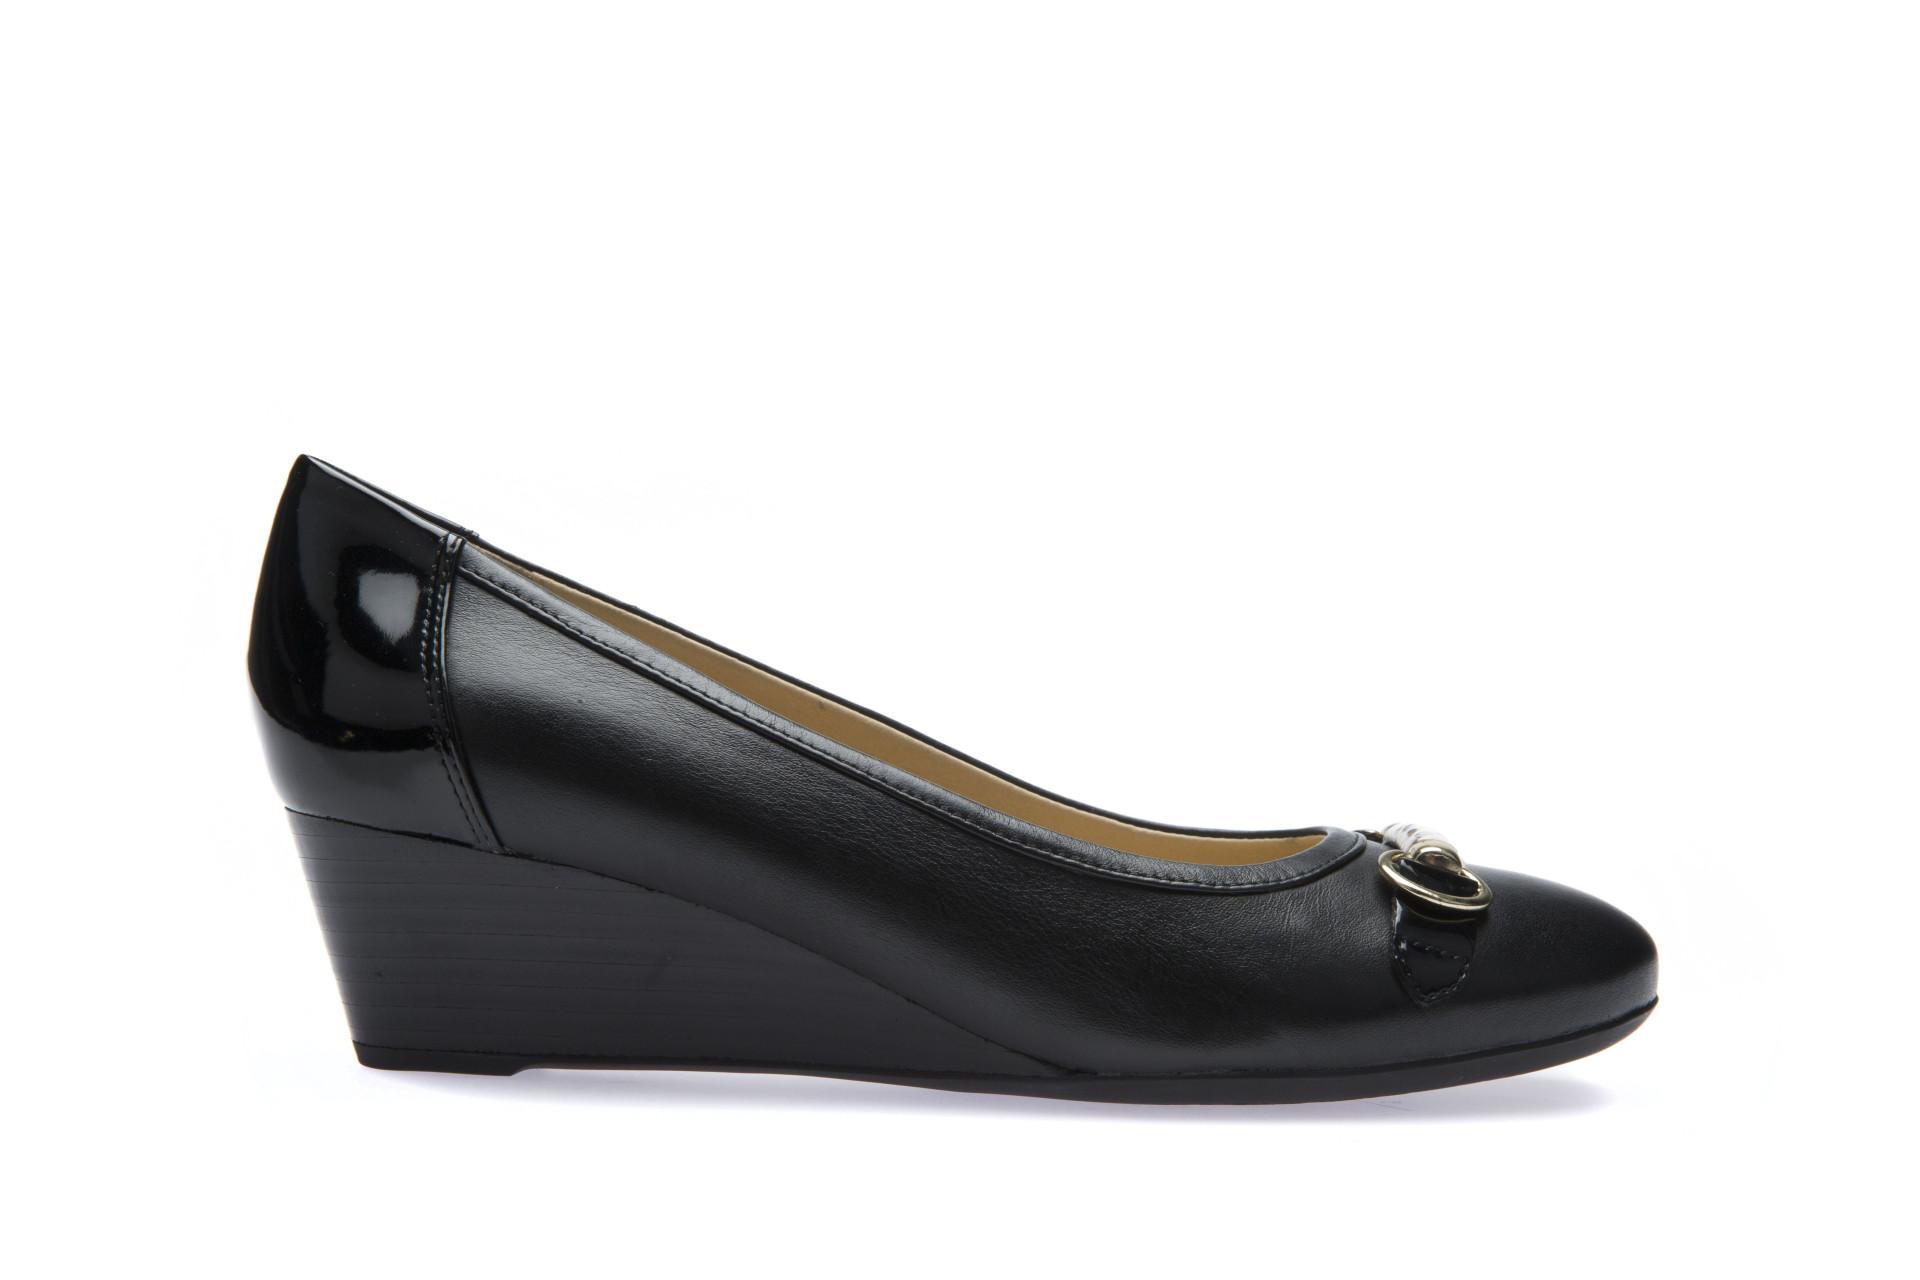 60d66f1b605 Buy Geox Heeled Sandals | Women Fashion | Lazada.sg